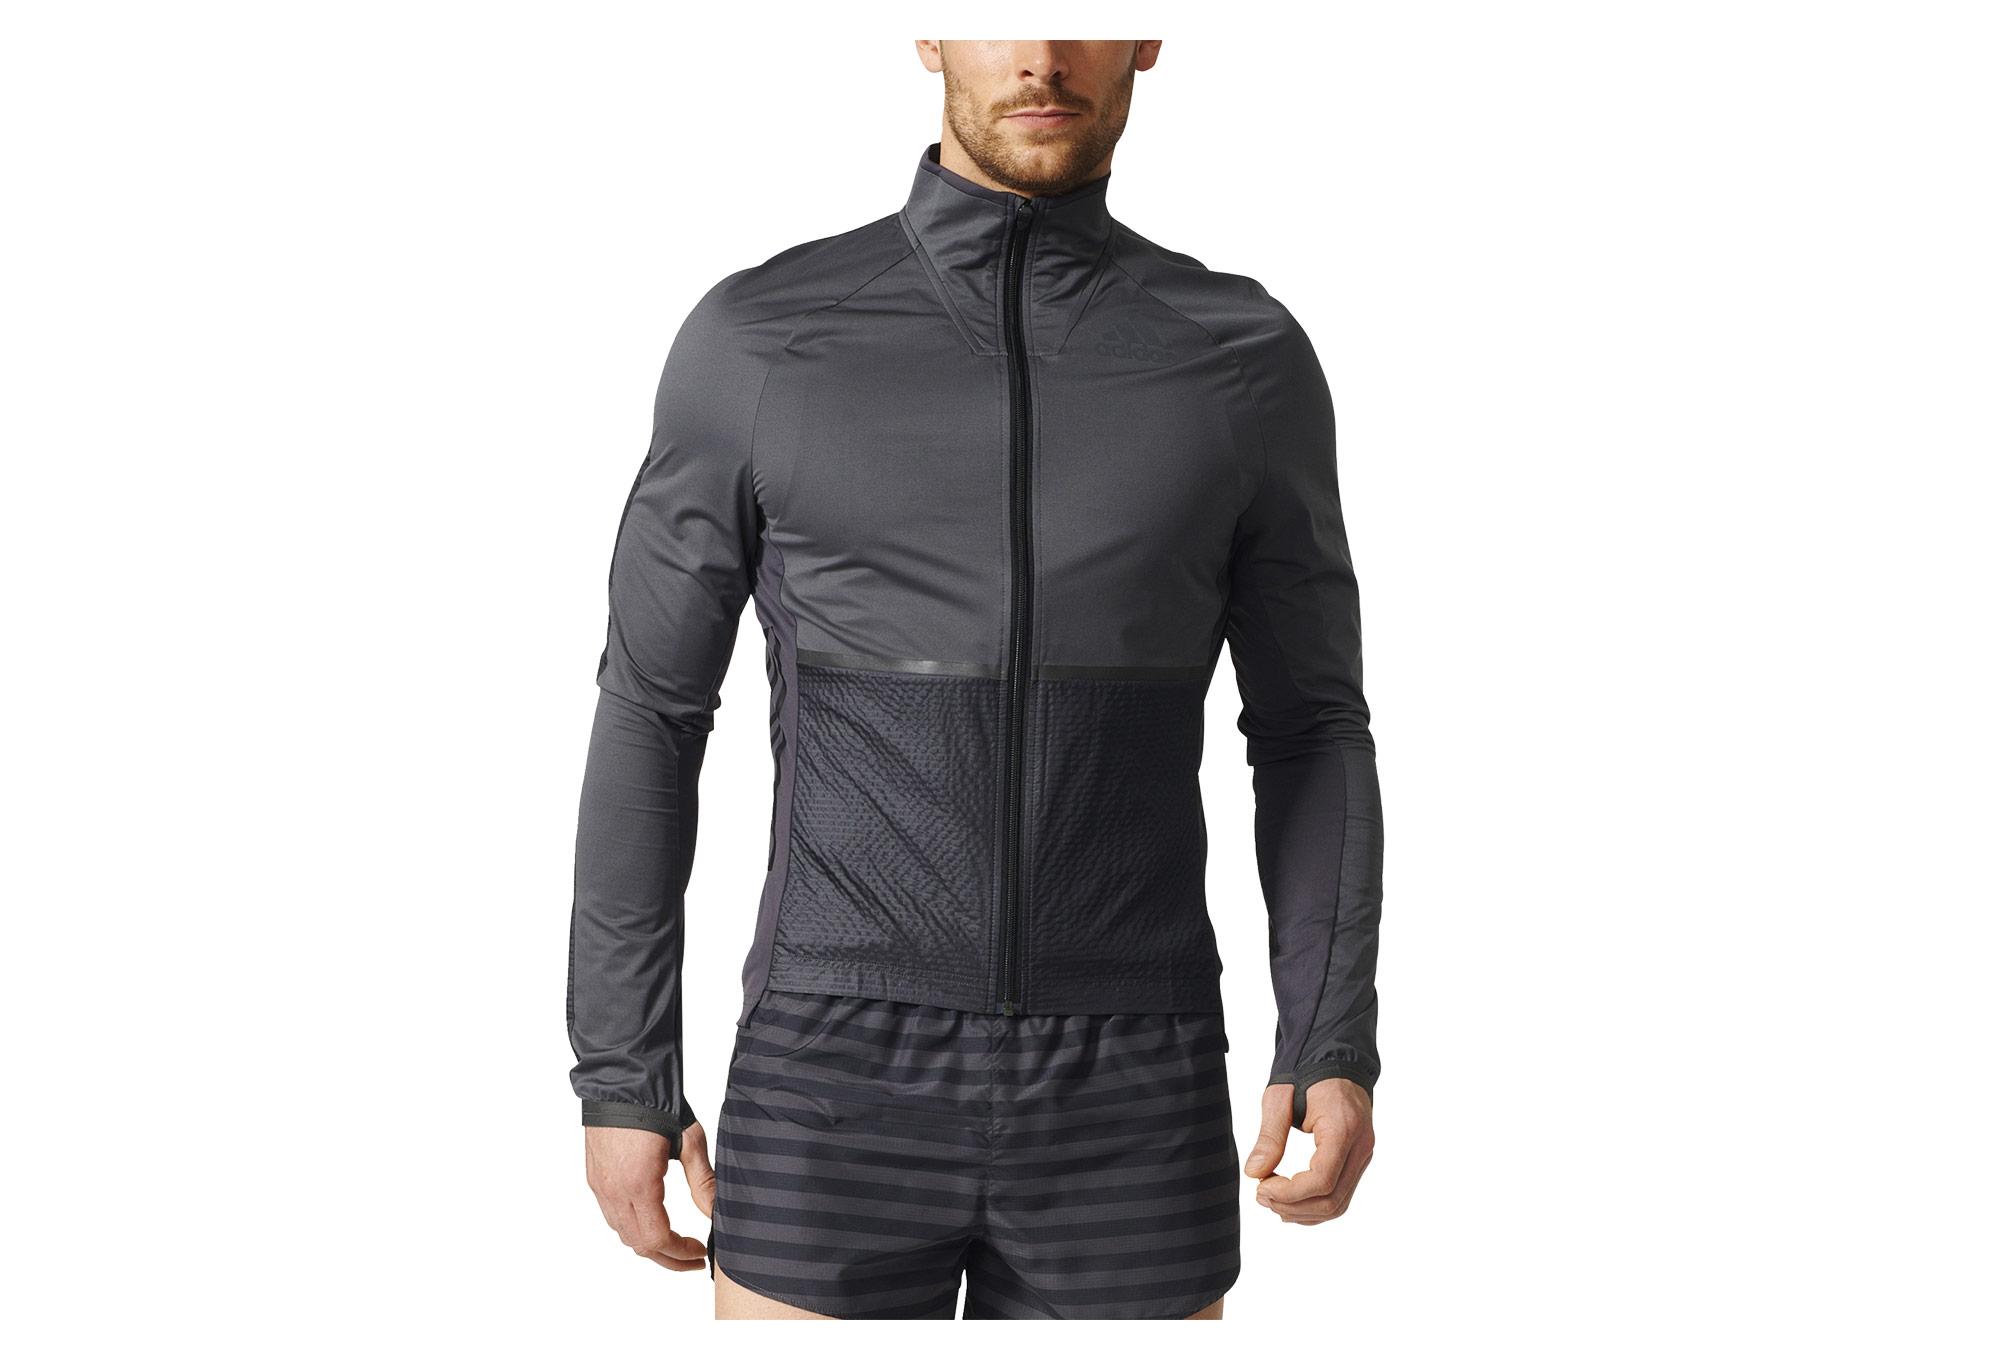 Veste coupe vent imperm able adidas running adizero gris noir - Veste coupe vent adidas femme ...